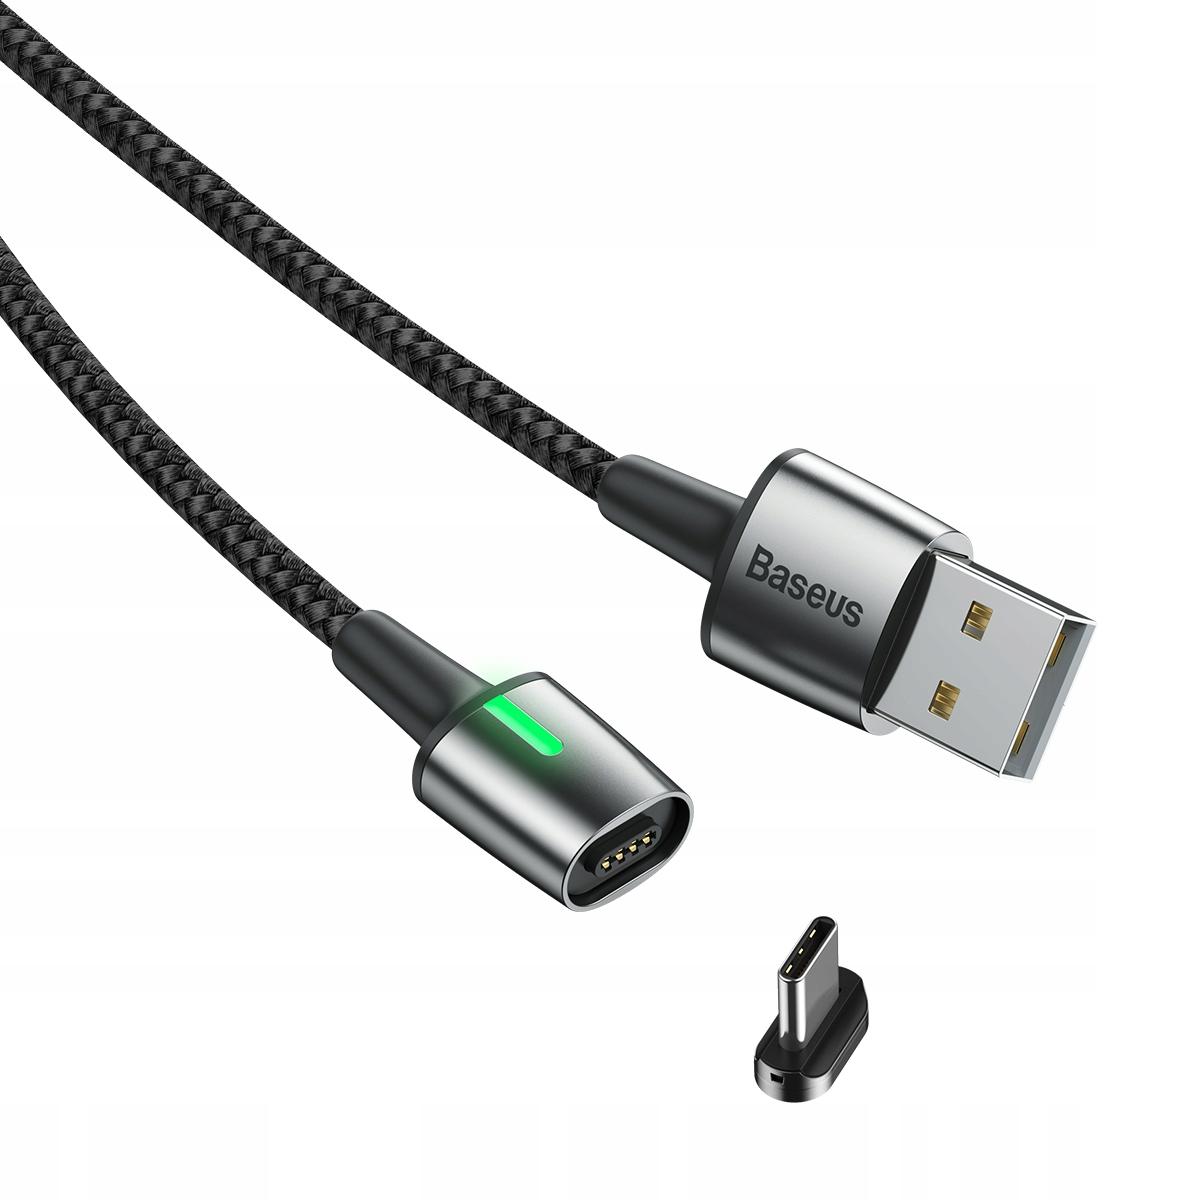 Baseus szybki kabel magnetyczny Usb Type-C 2A